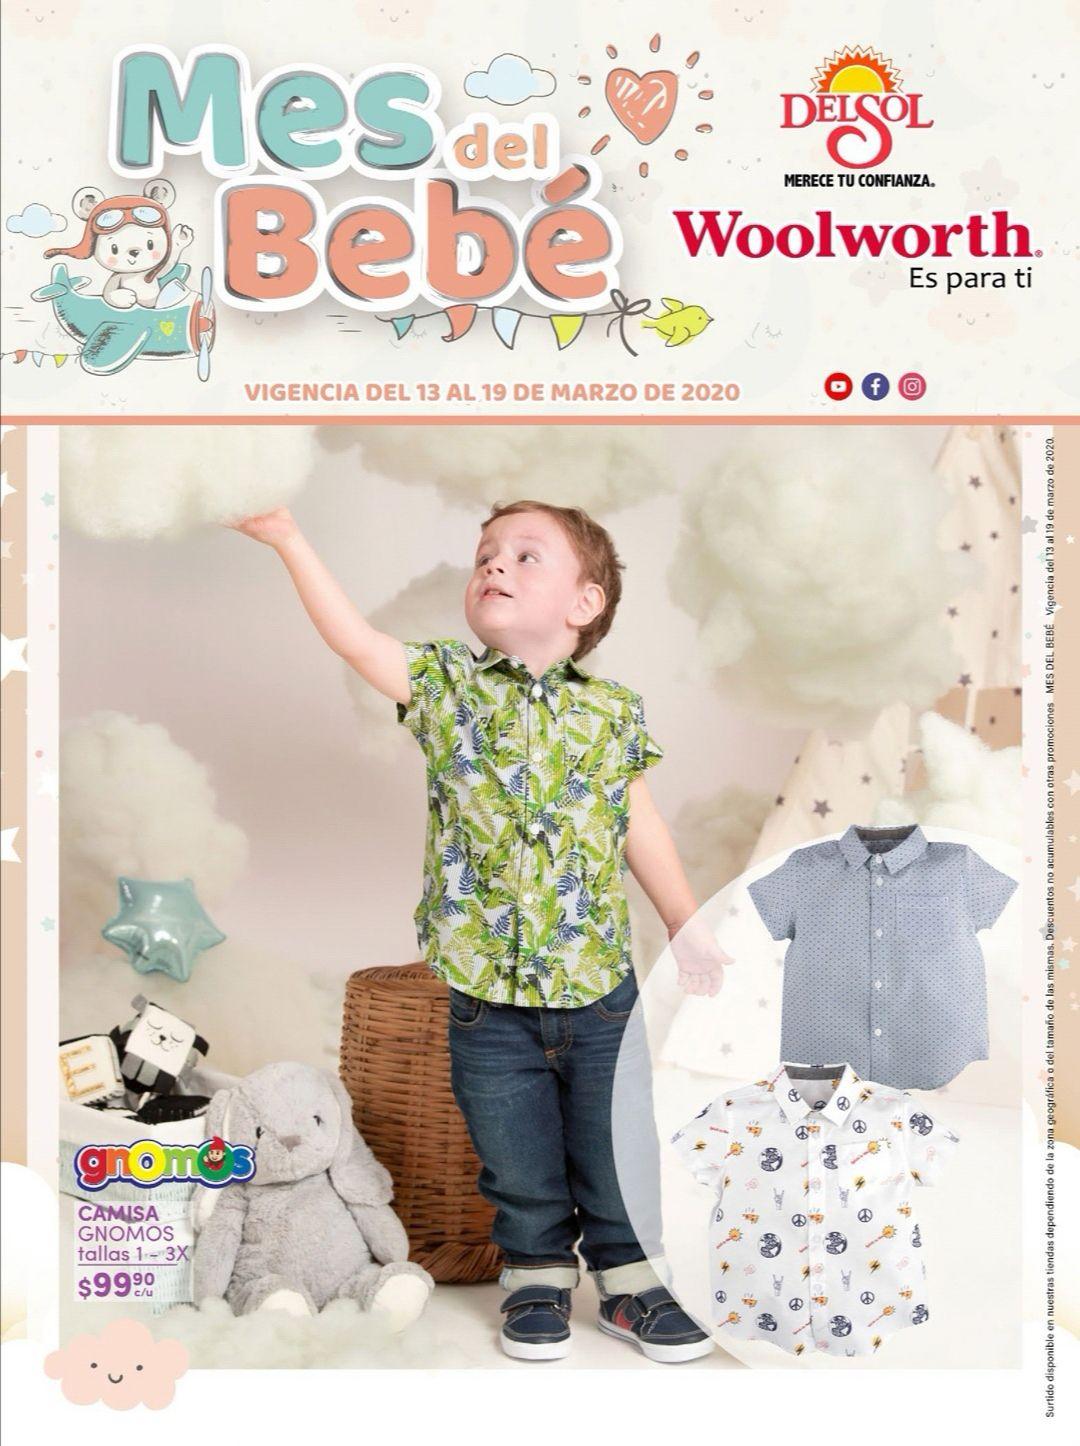 """Woolworth y Del Sol: 3° Folleto """"Mes del Bebé del Viernes 13 al Jueves 19 de Marzo"""